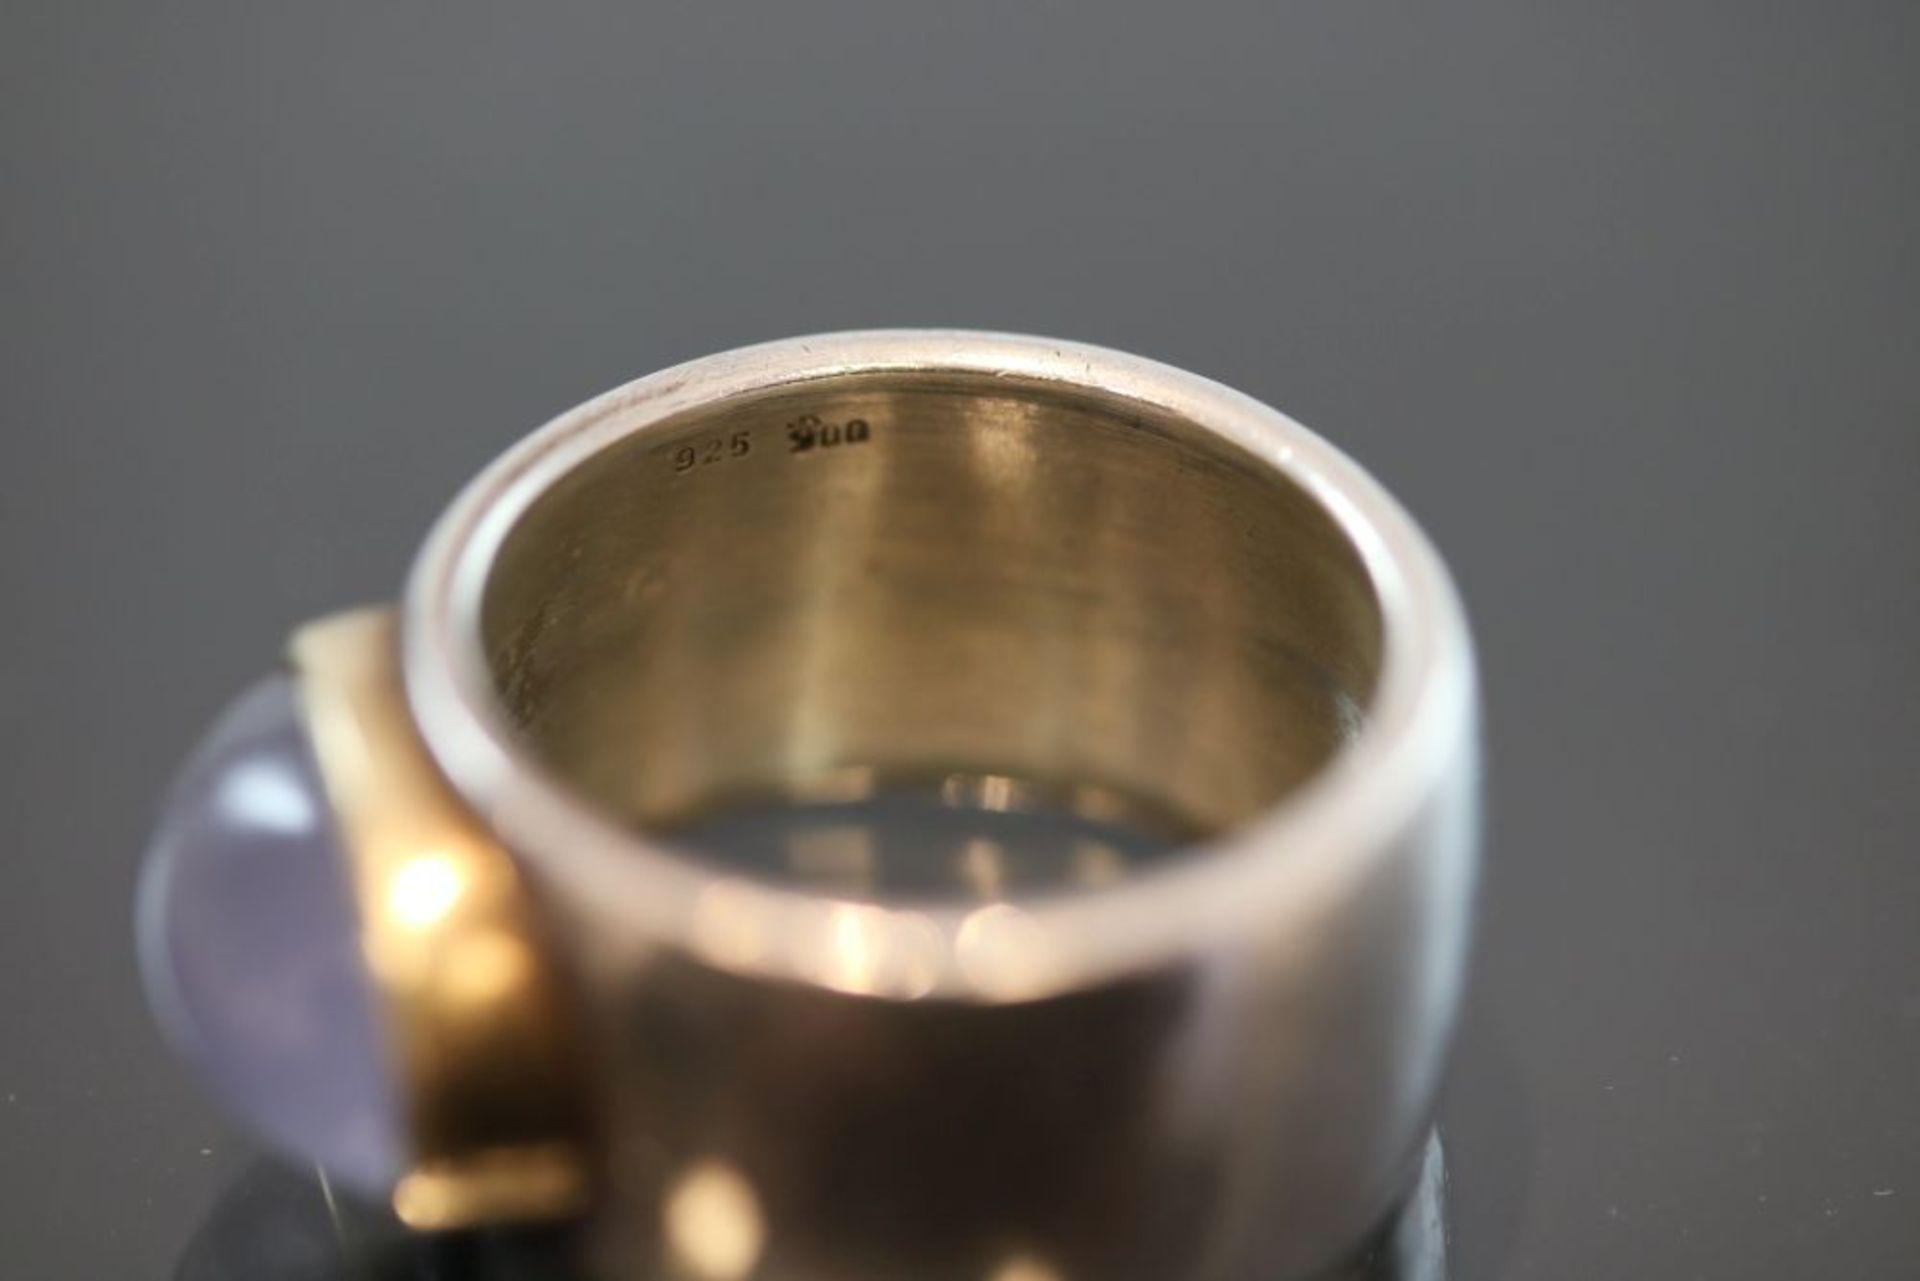 Mondstein-Ring, 925 Silber / 900 Gold - Bild 3 aus 3